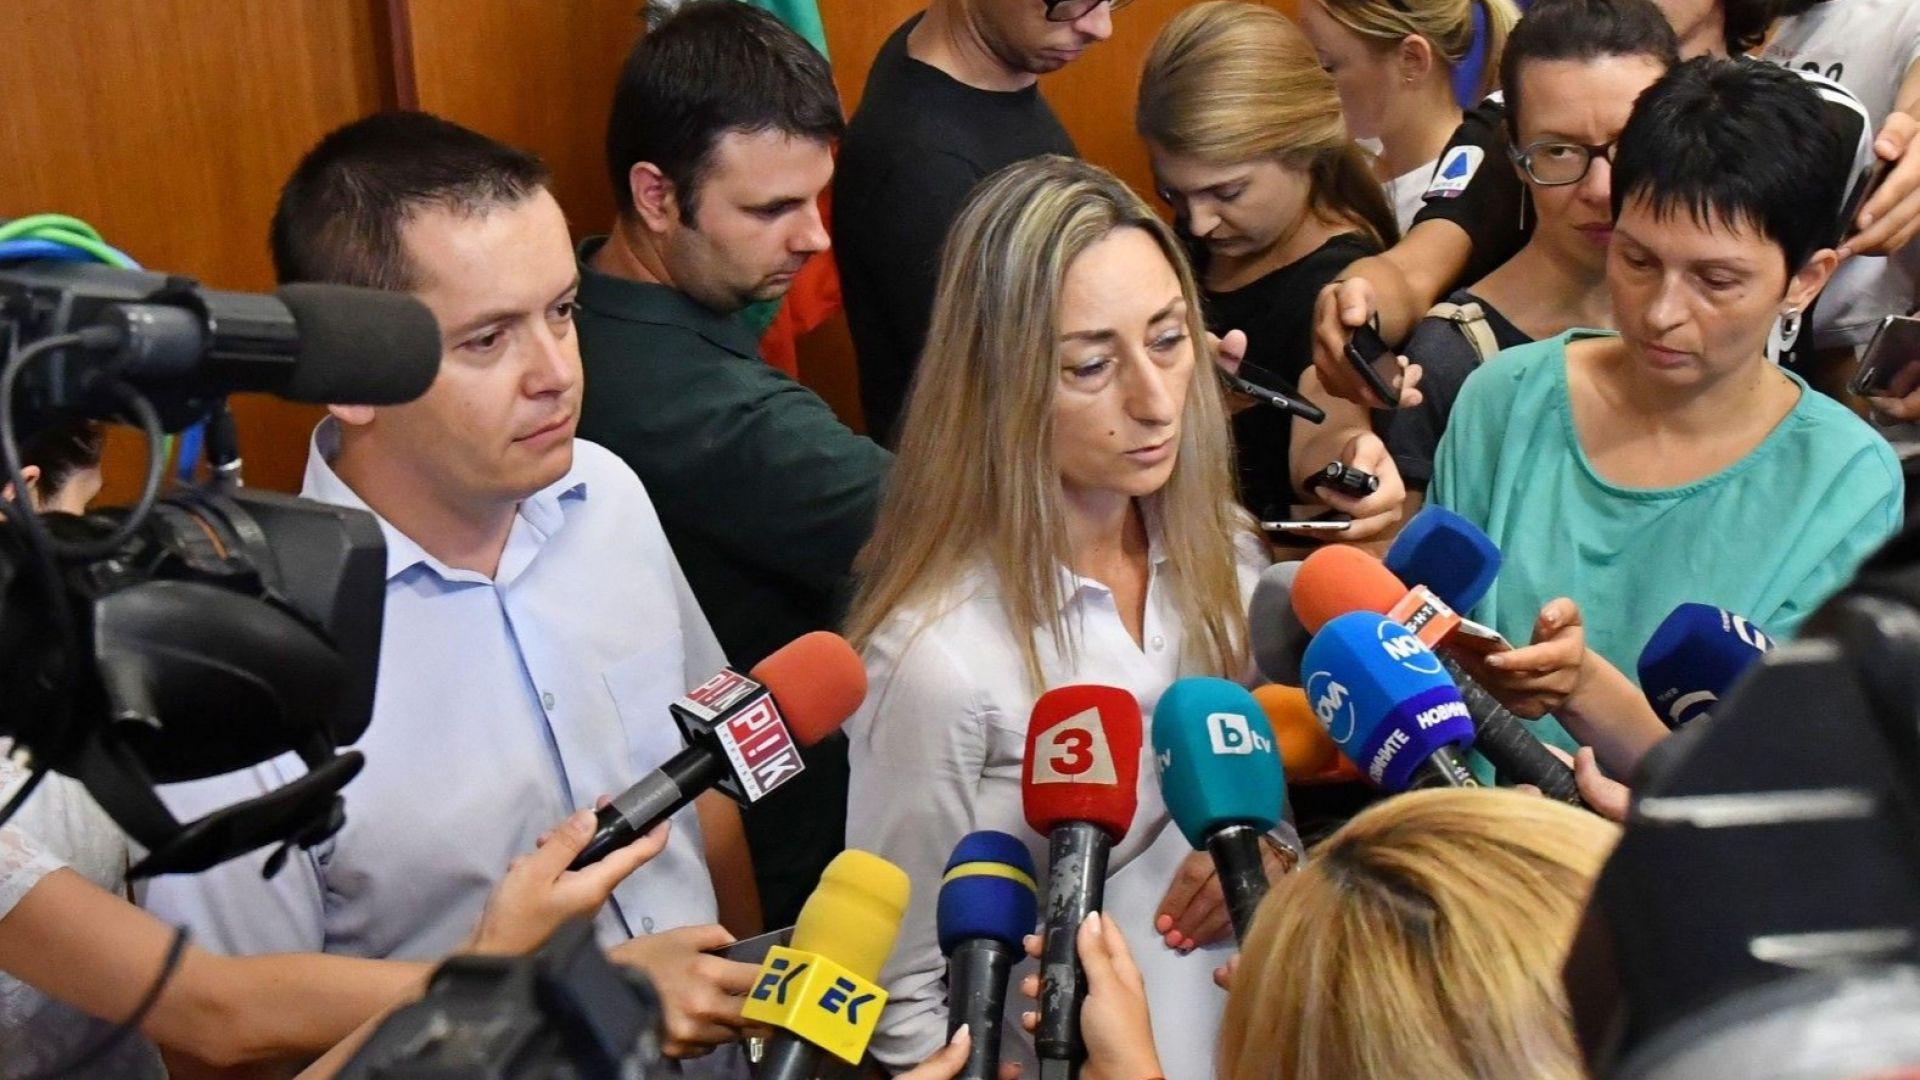 Хакналите НАП планирали да атакуват гости на парламента с поливните системи в градинката